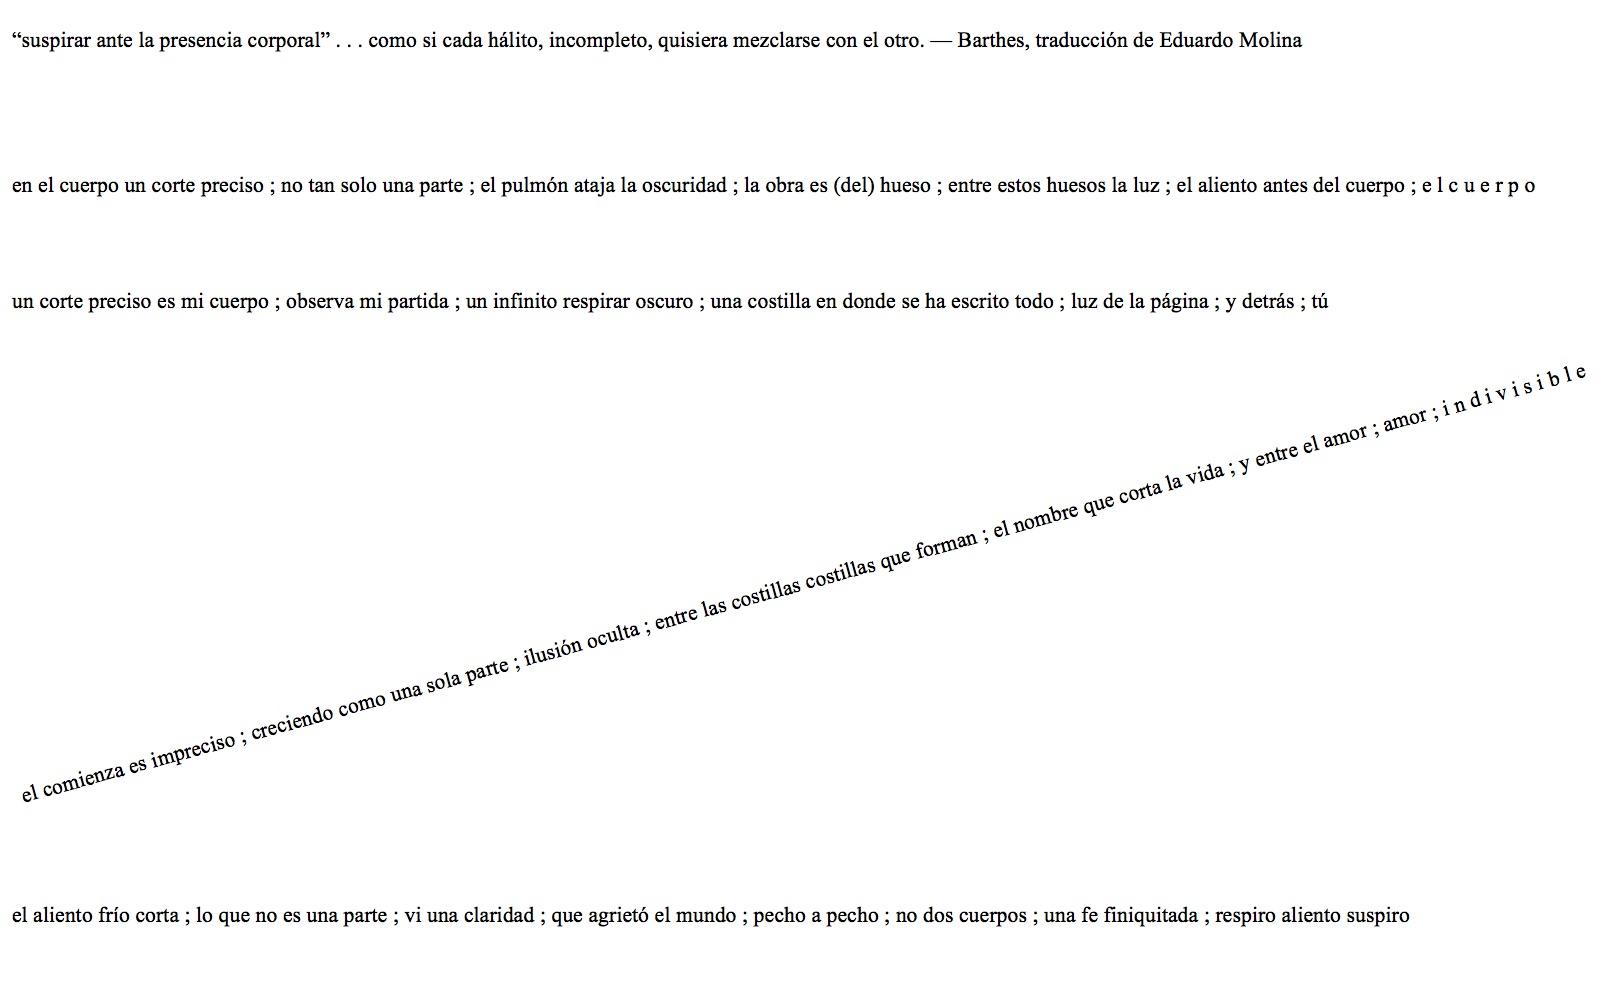 reed, gabriel antonio -- el nieuwe acá 2-- (espanol)